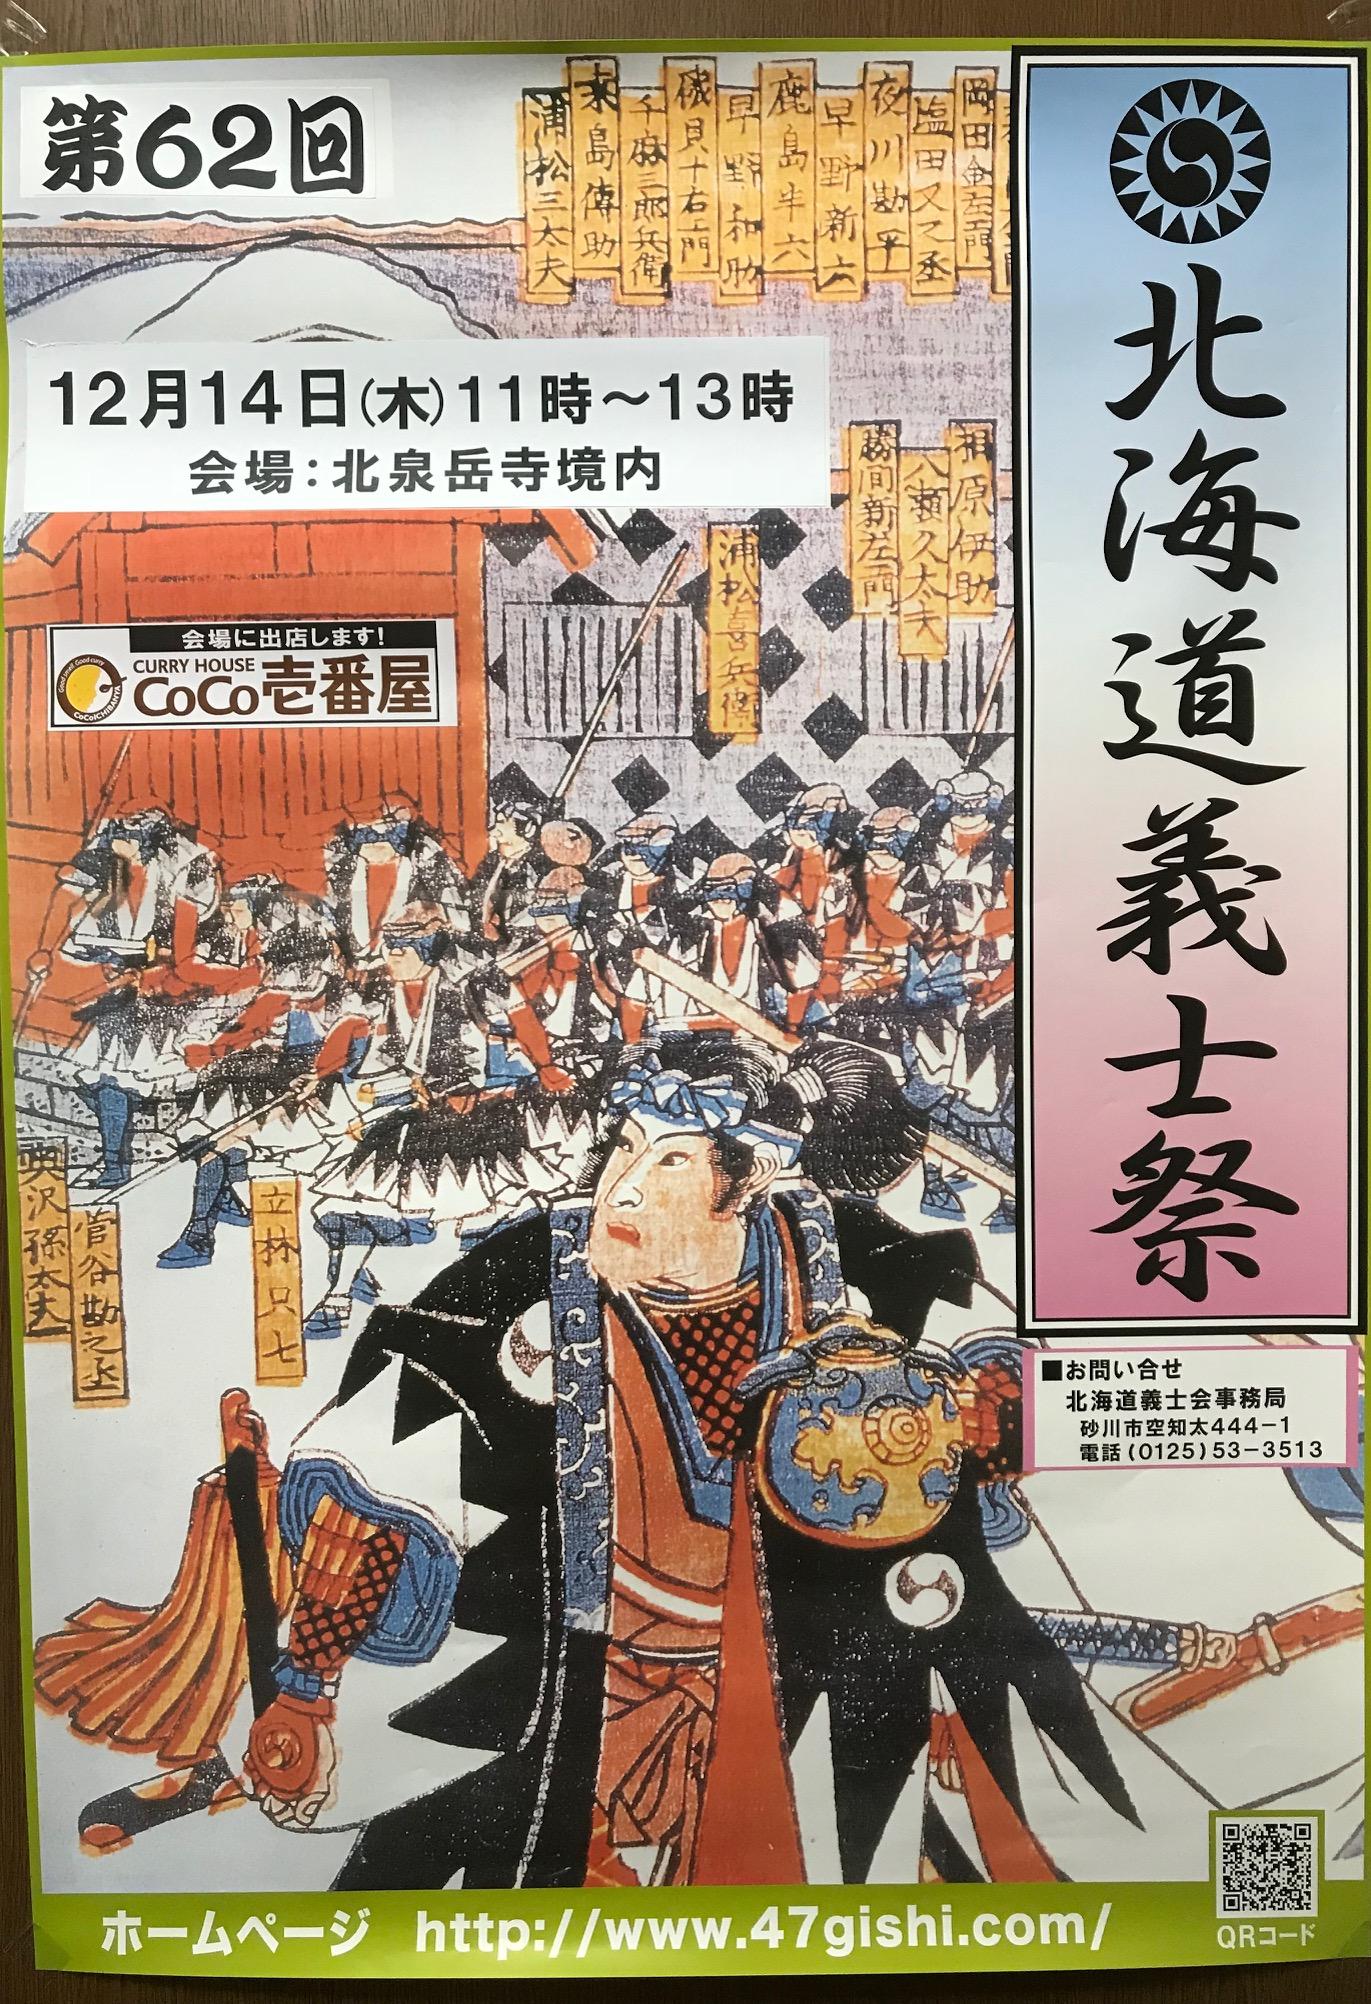 第62回北海道義士祭(2017年)のポスター